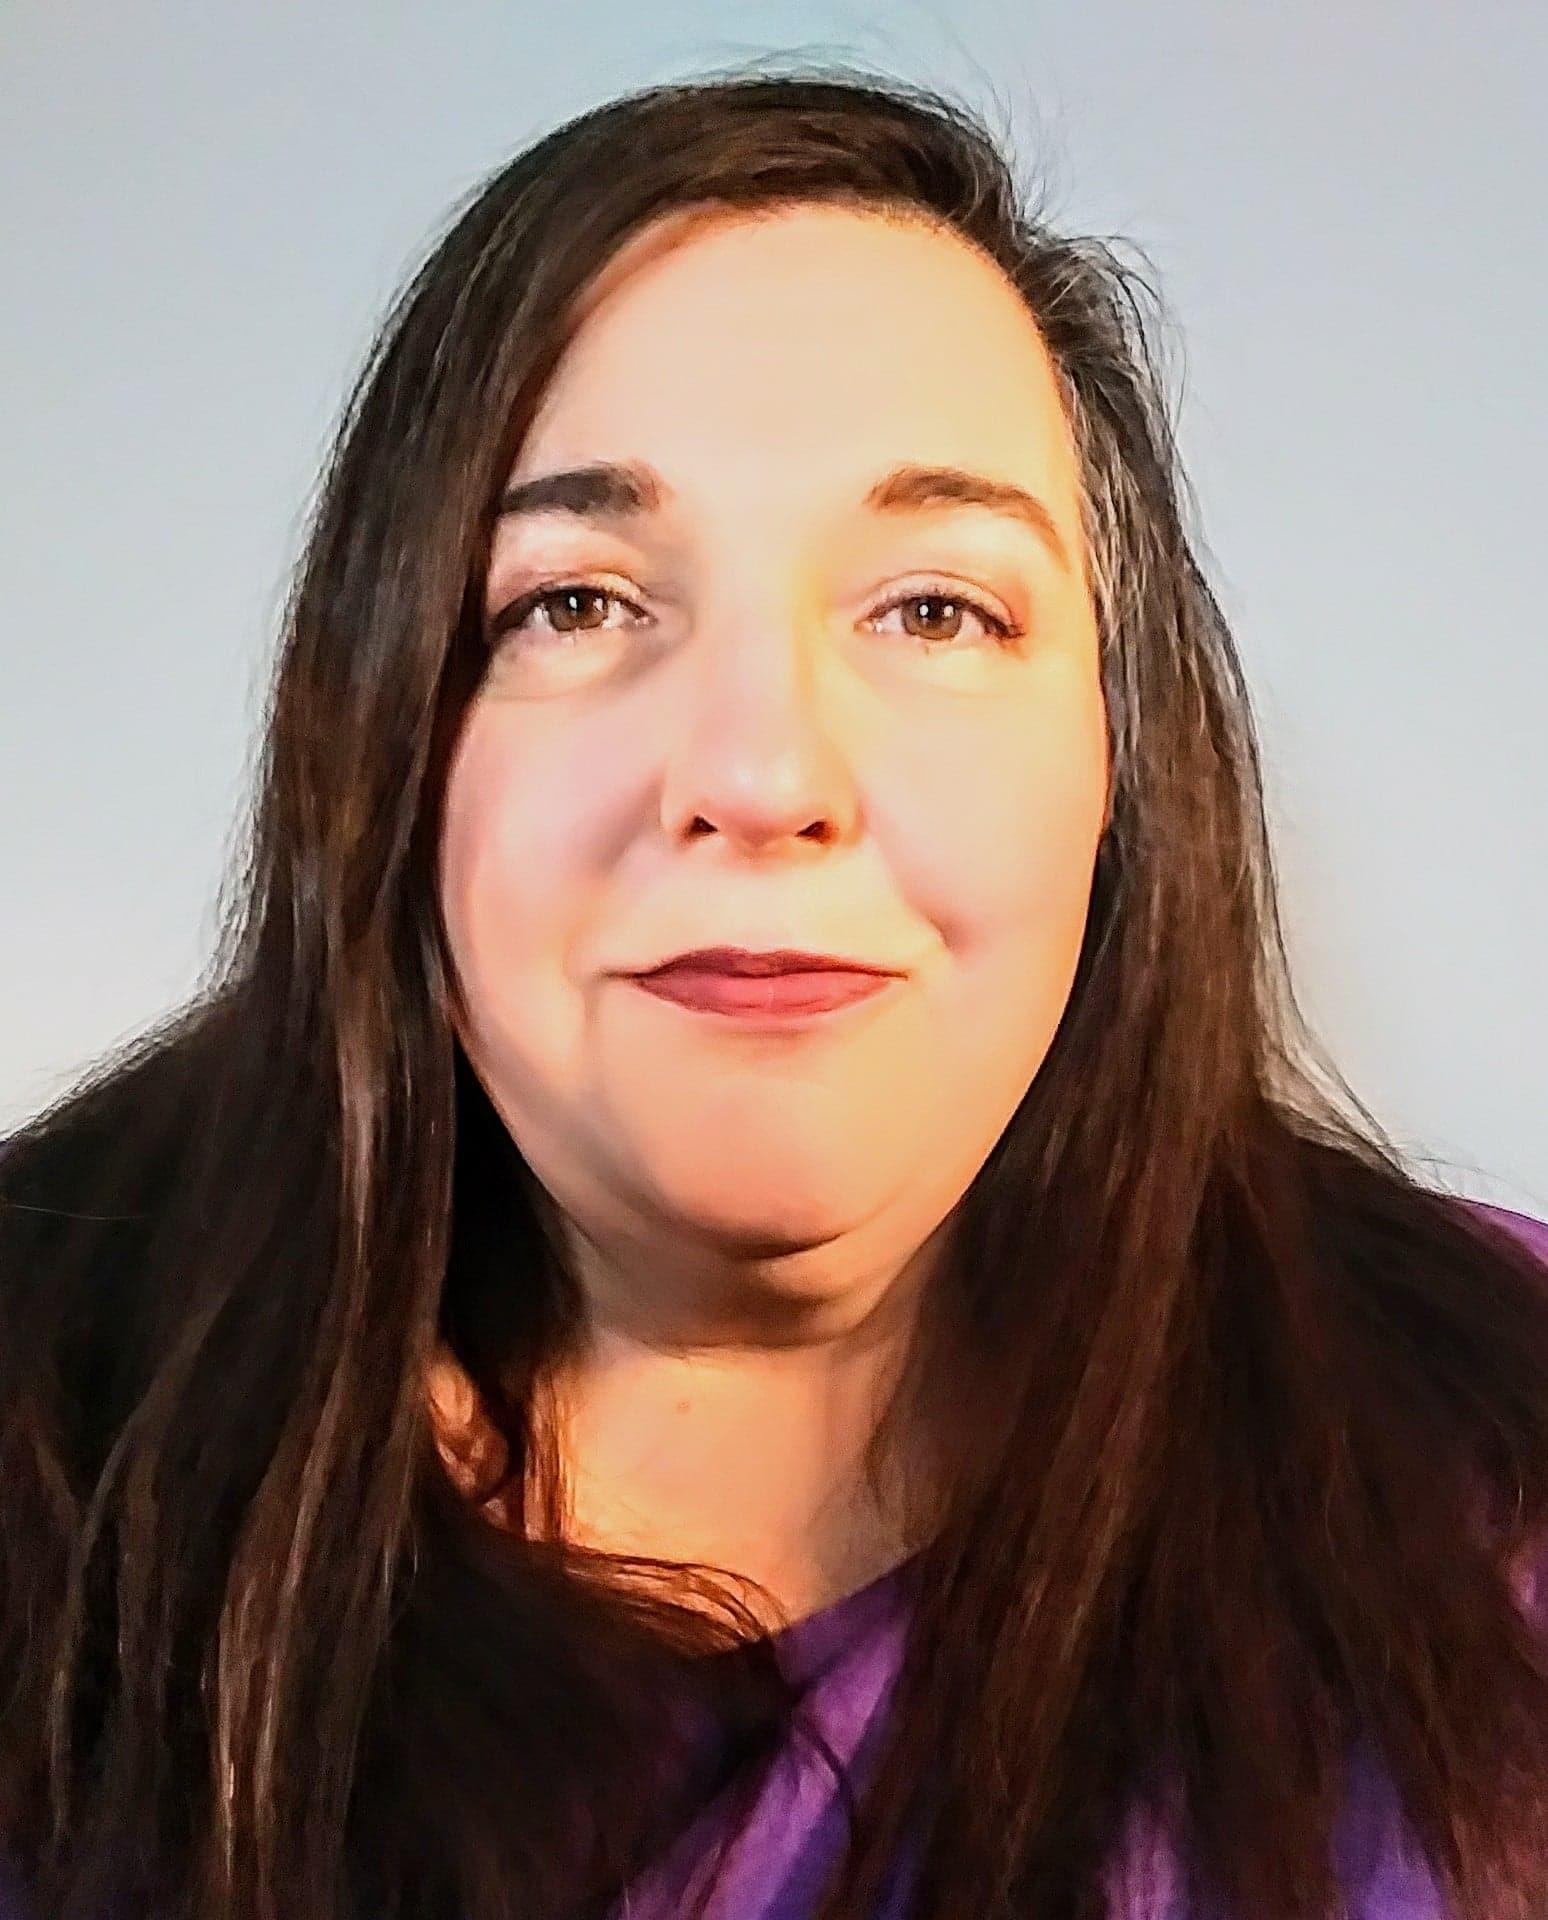 Theresa Jarosz Alberti